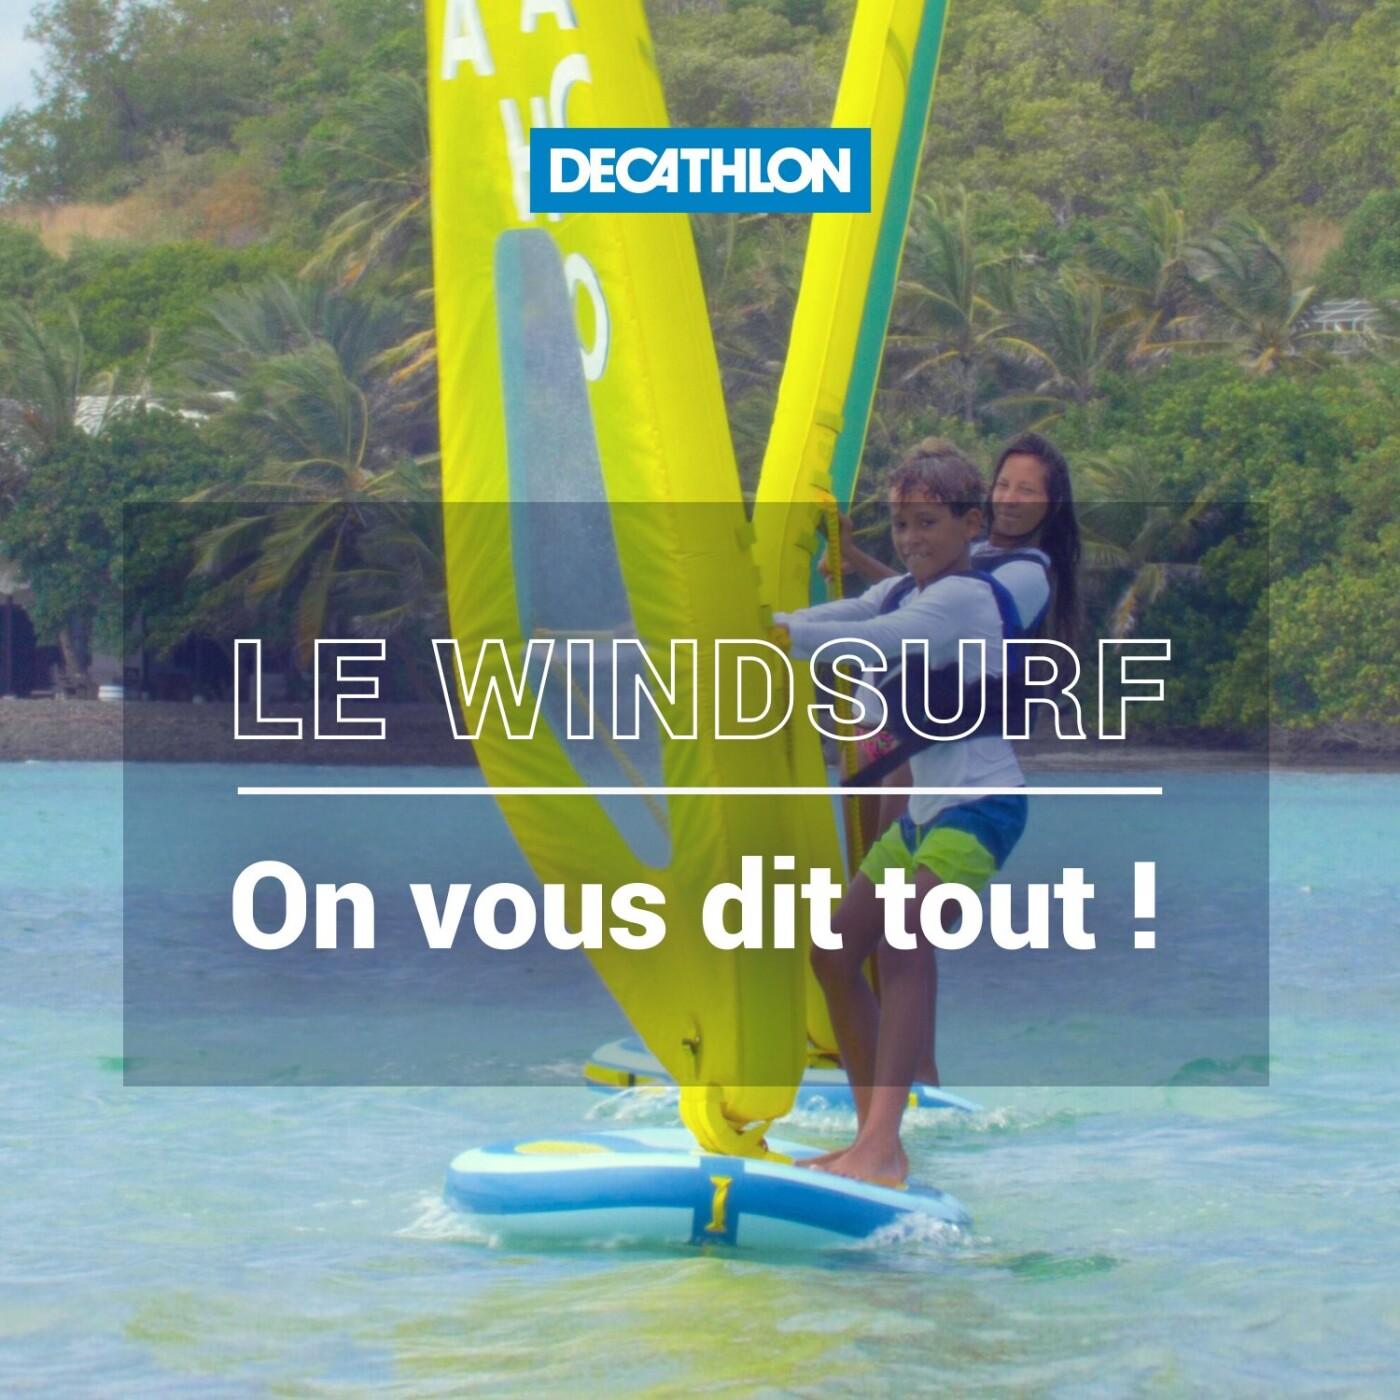 # 55 Le windsurf – On vous dit tout !